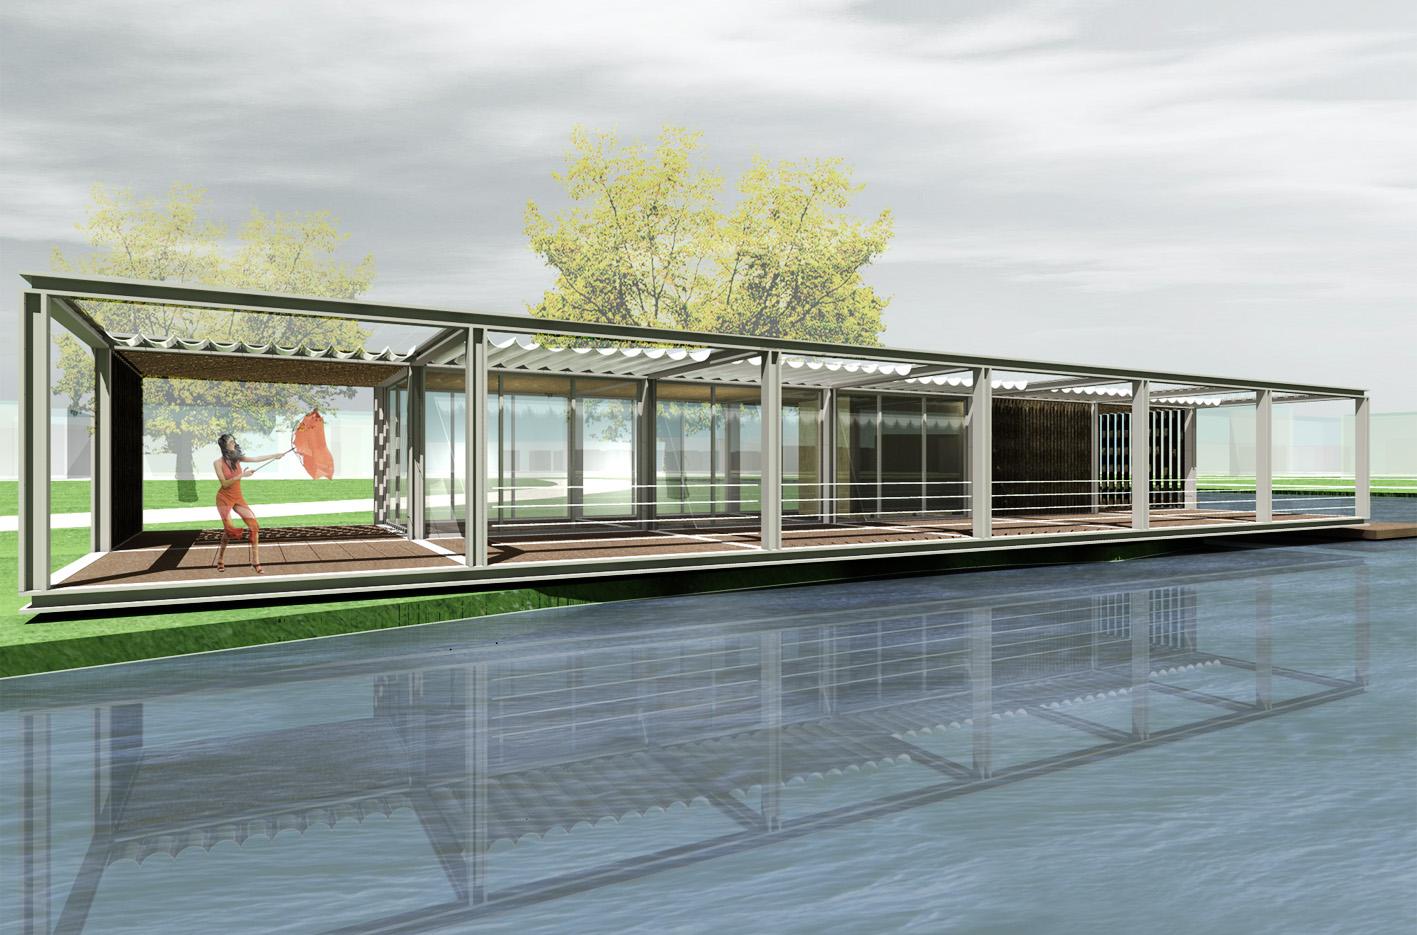 Theehuis Paviljoen 3D waterzijde Schellingwouderbreek plas Amsterdam Noord